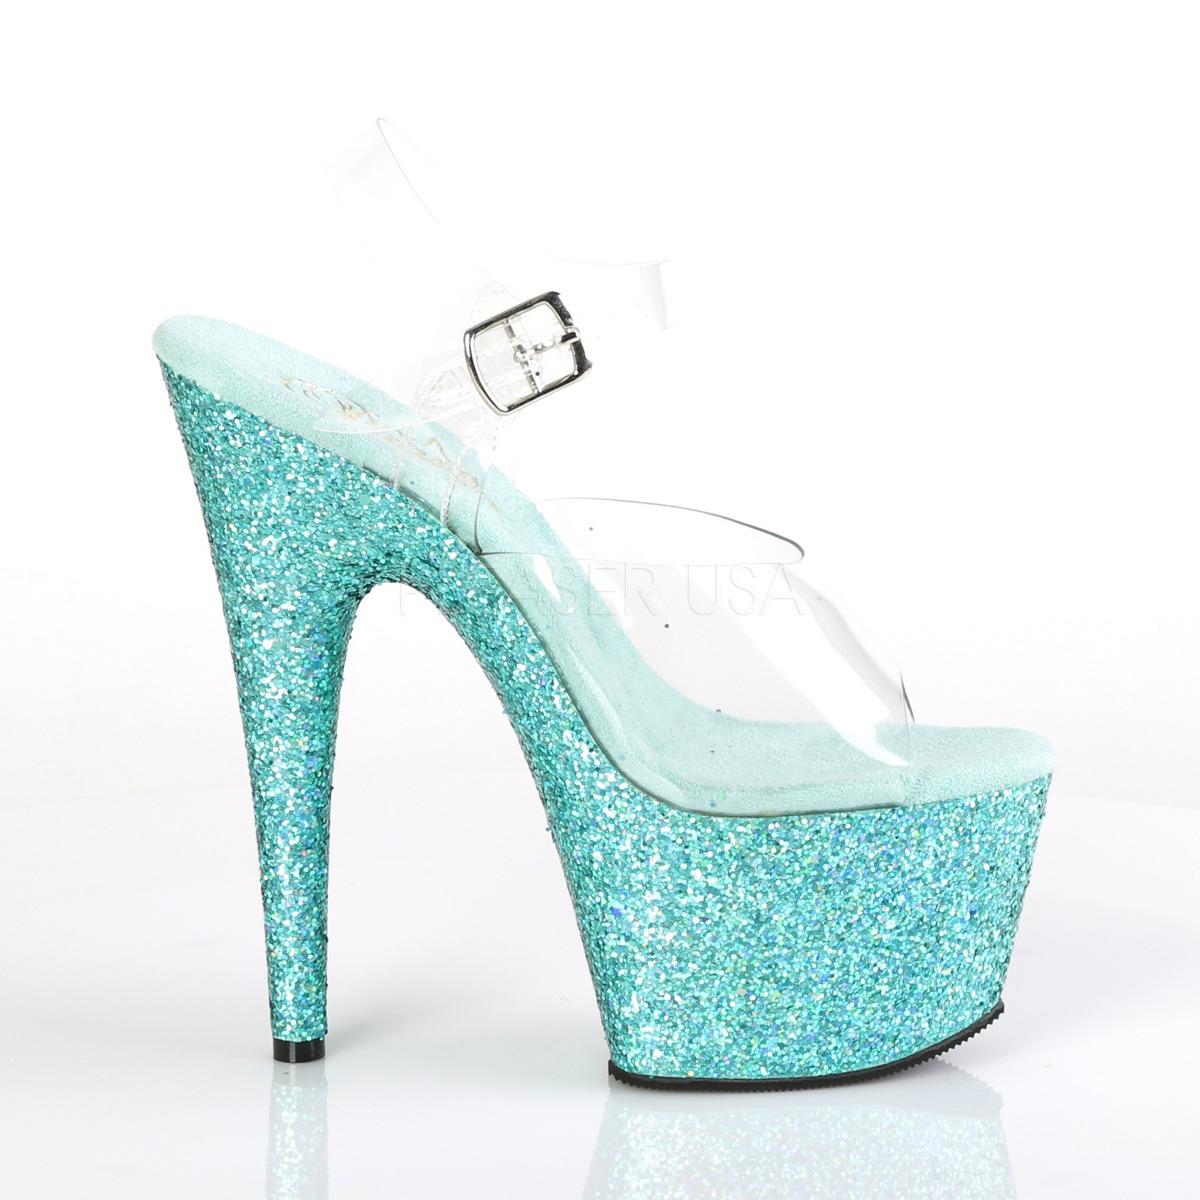 detailed look 6b04a e9f6b Turchese scintillare 18 cm Pleaser ADORE-708LG scarpe con tacchi da pole  dance